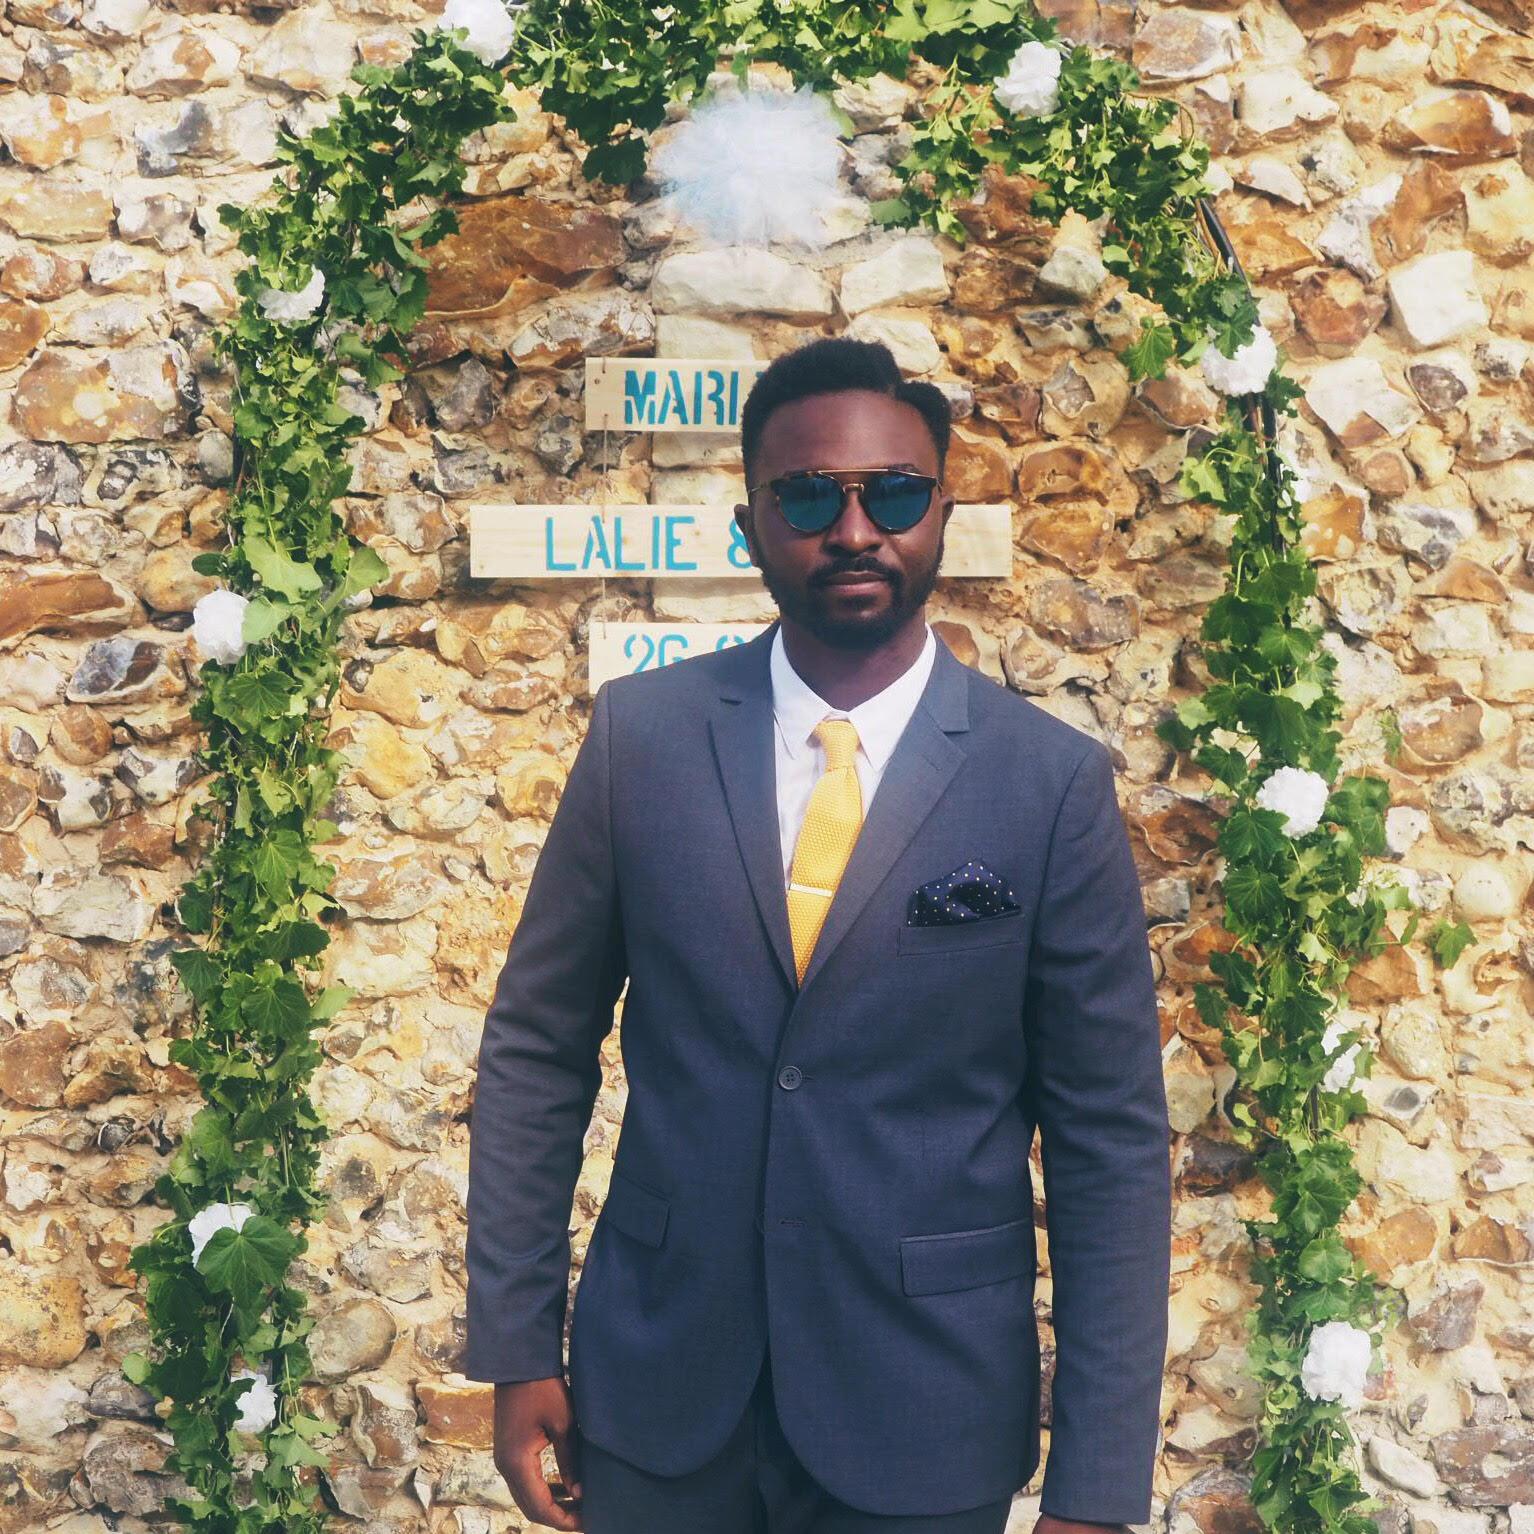 pochette-square-cravate-pochette-de-costume-2